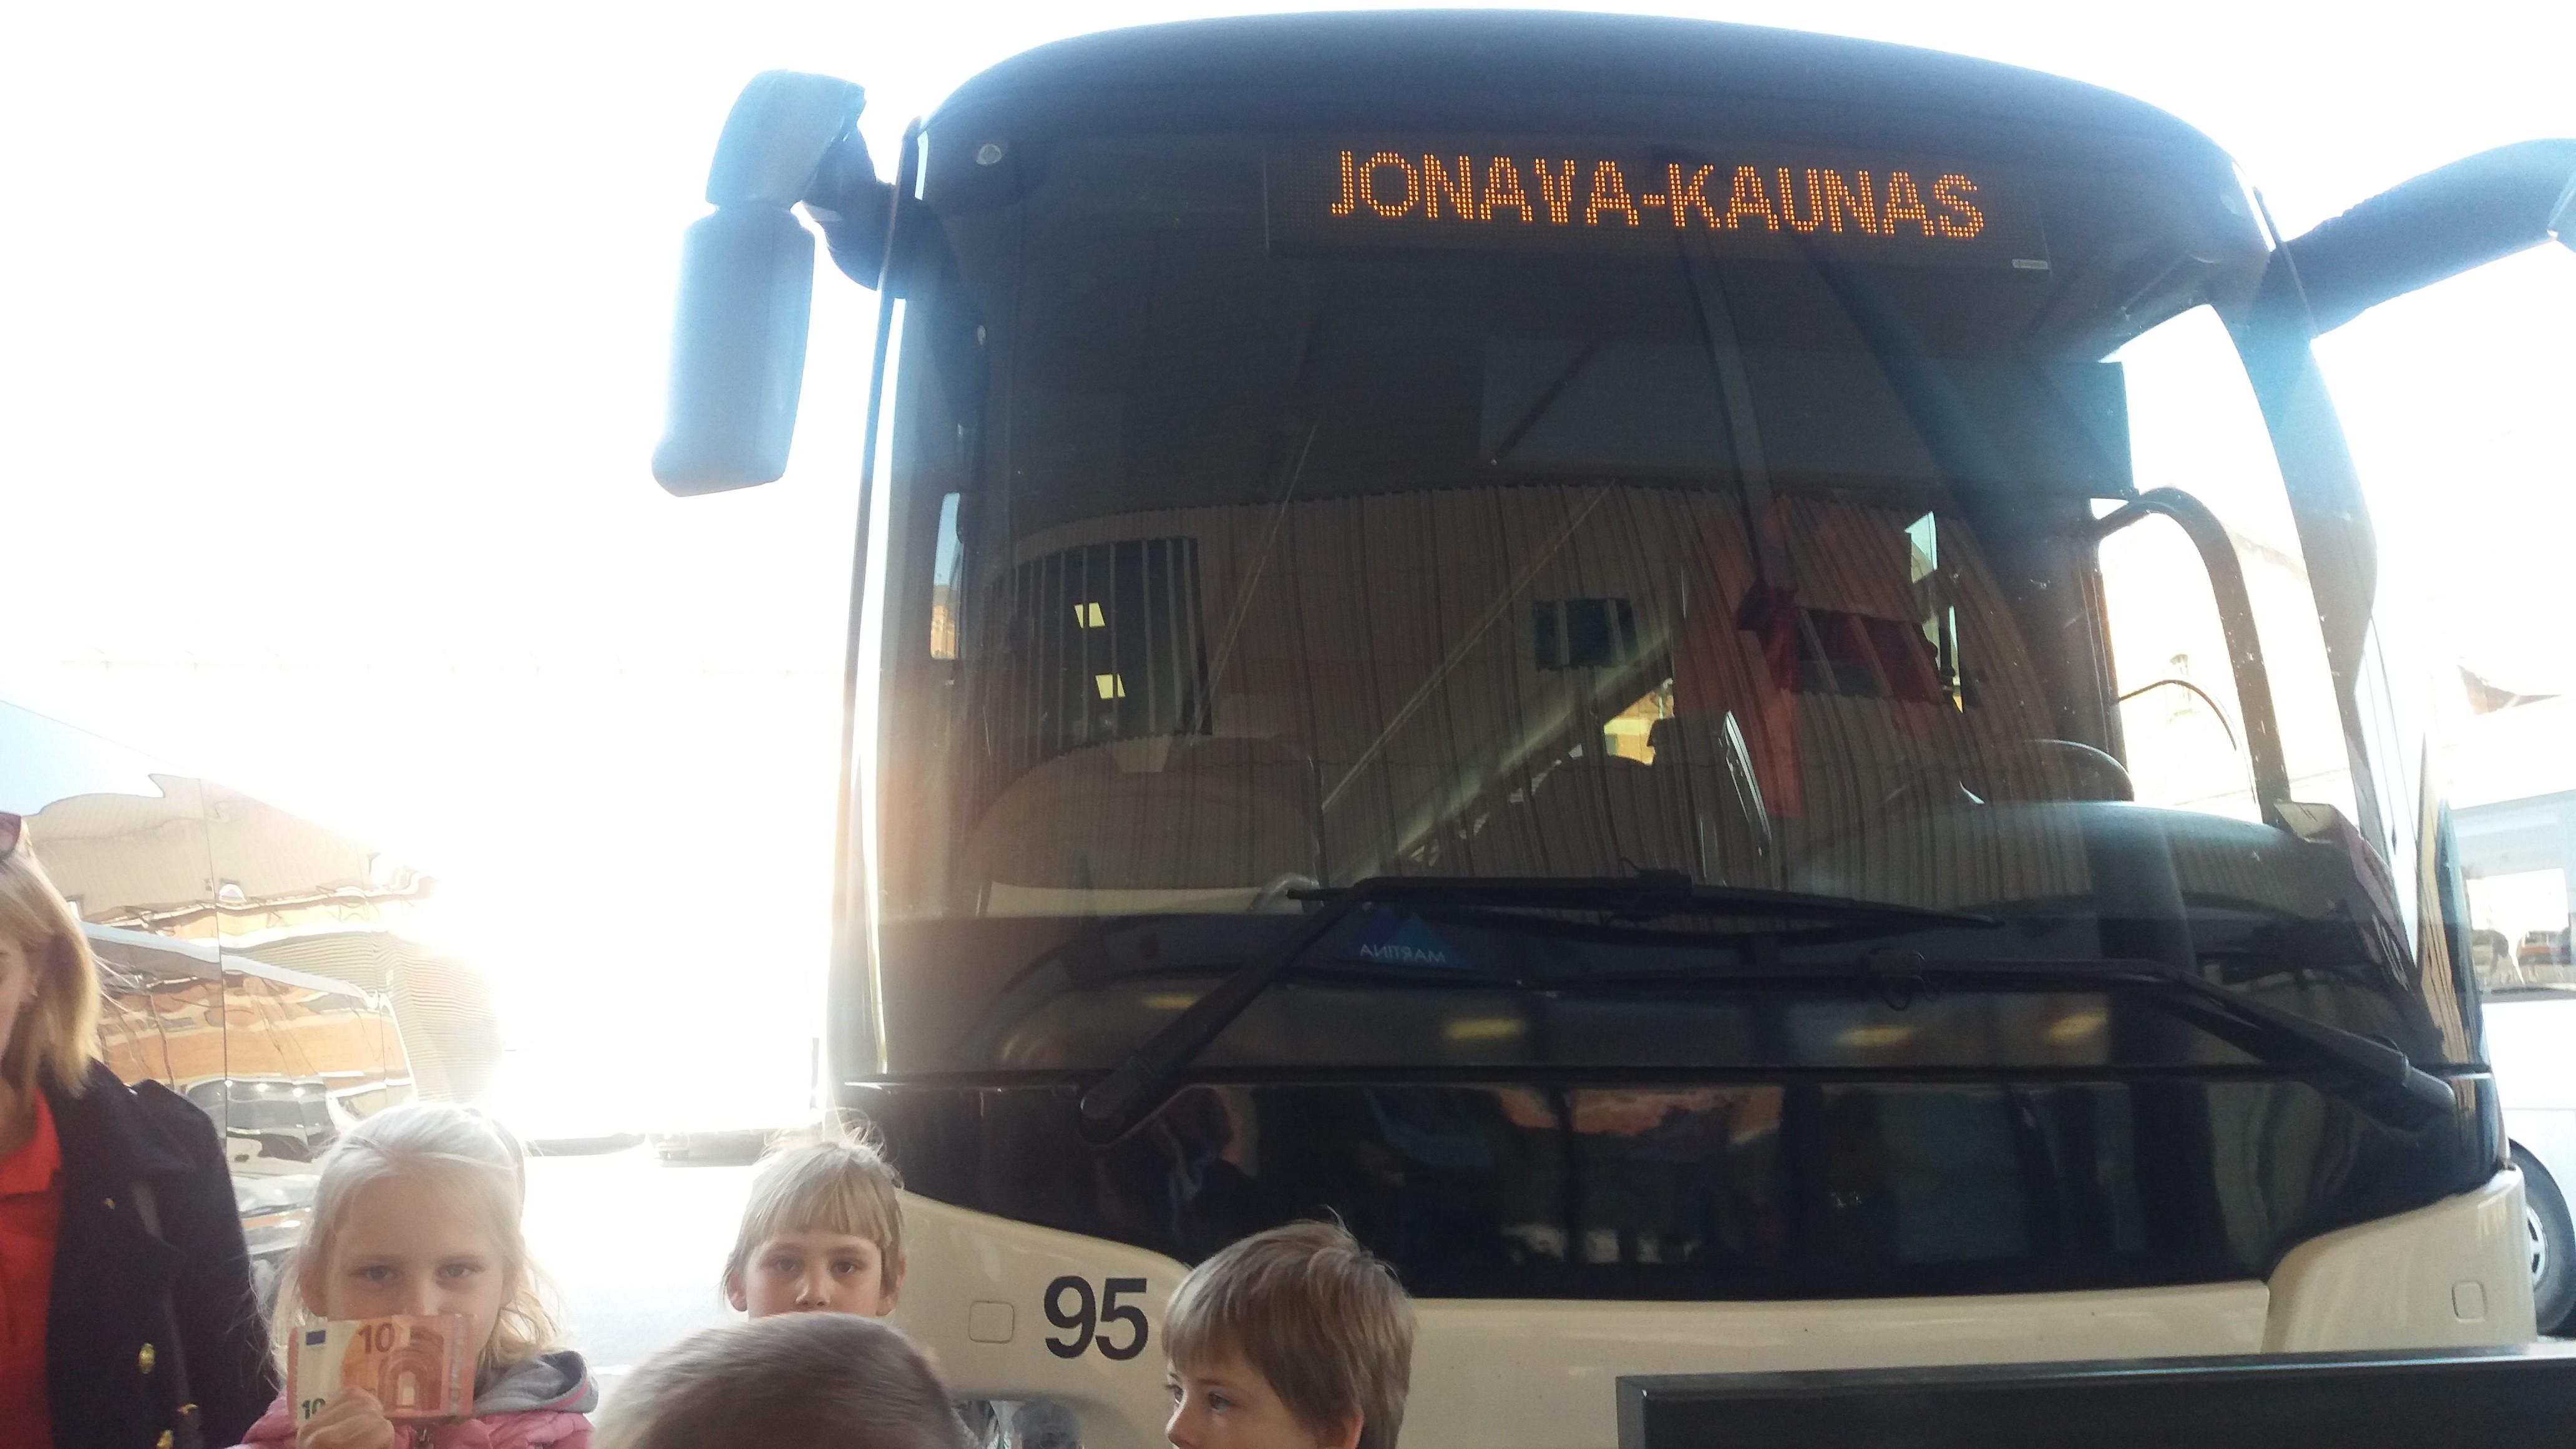 """Vaizdo rezultatas pagal užklausą """"autobusas jonava kaunas foto"""""""